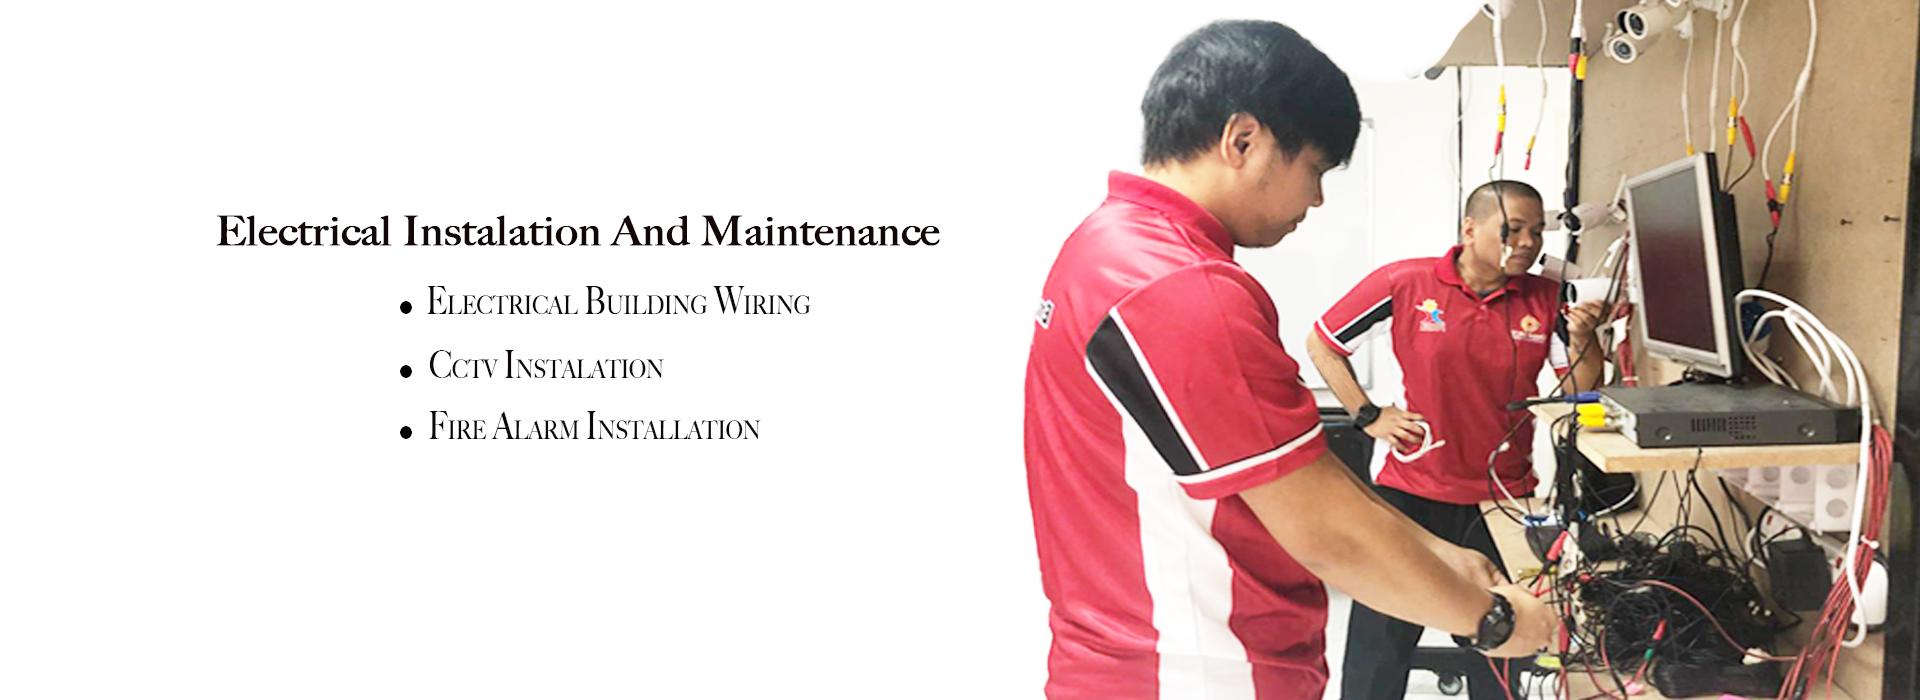 Electrical Installation Maintenance (EIM)